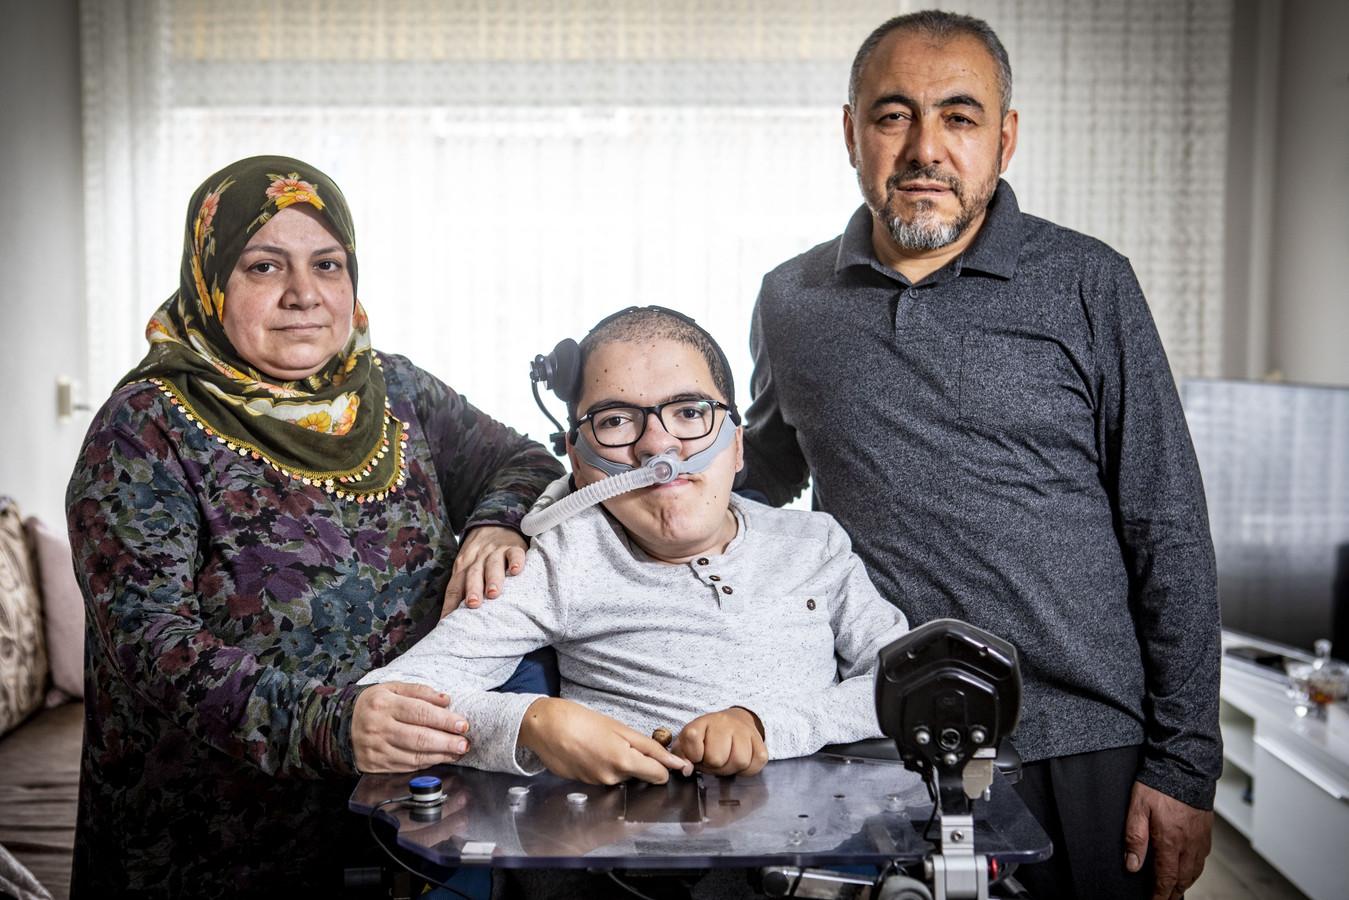 ENSCHEDE - Muhammed Sariakçe, met zijn ouders Fatma en Salih - hun rolstoelbus is met illegaal vuurwerk opgeblazen.